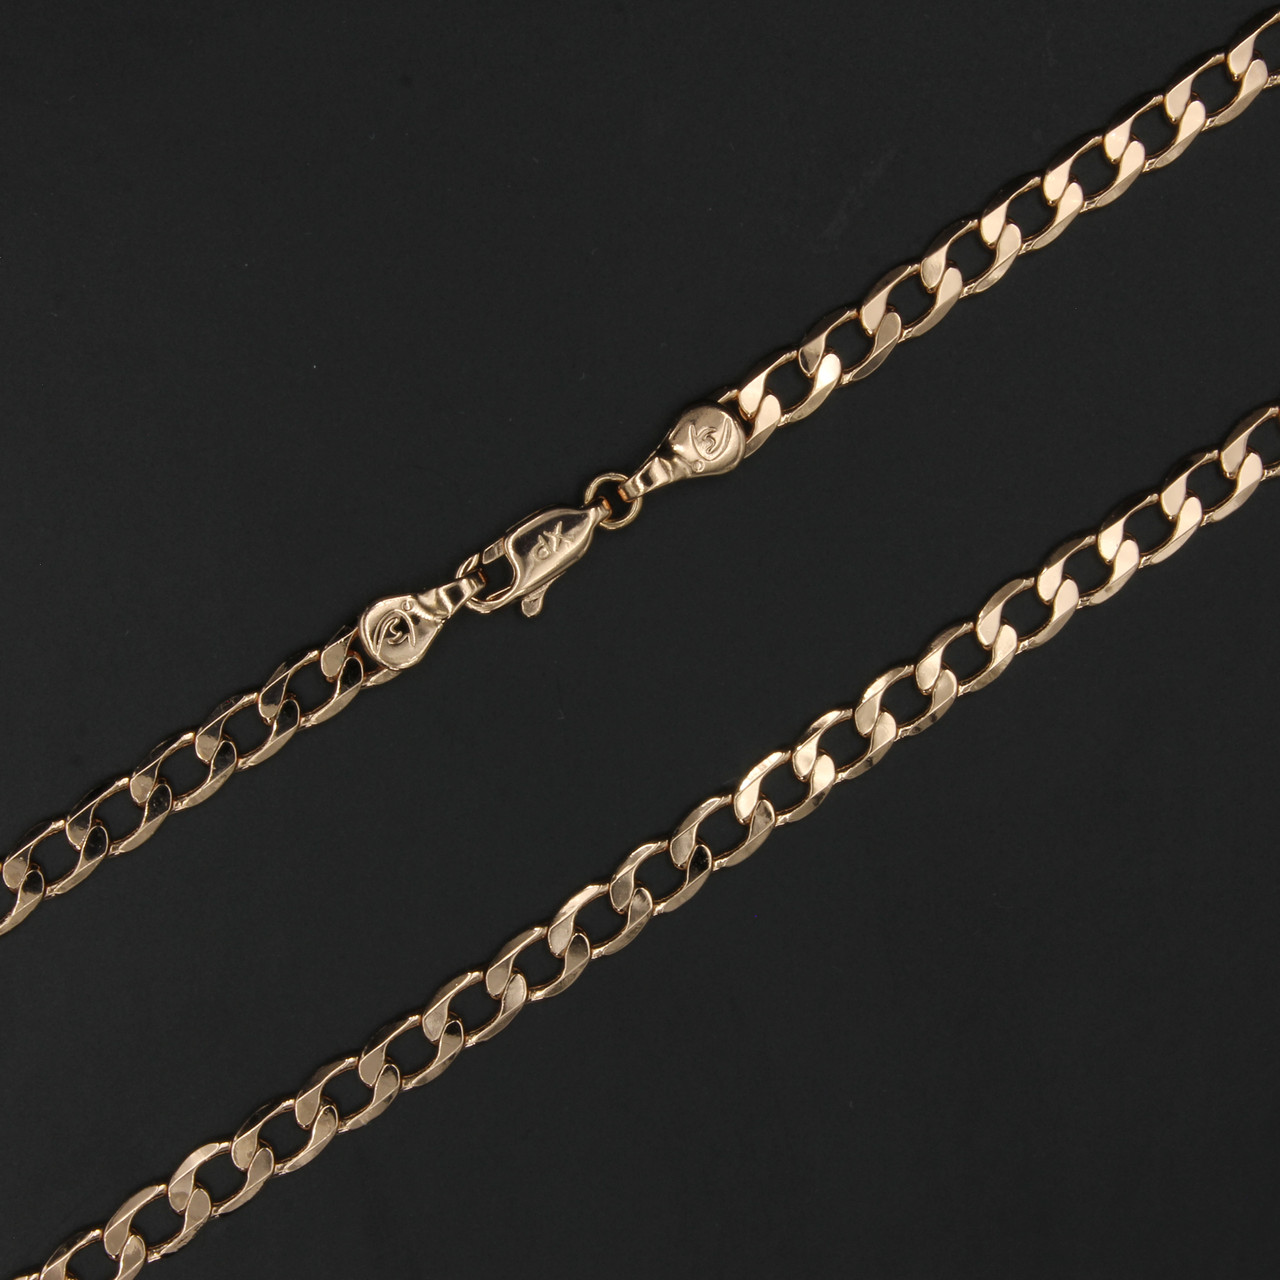 Ланцюг Гурмет-60, плетення панцирне, 60см